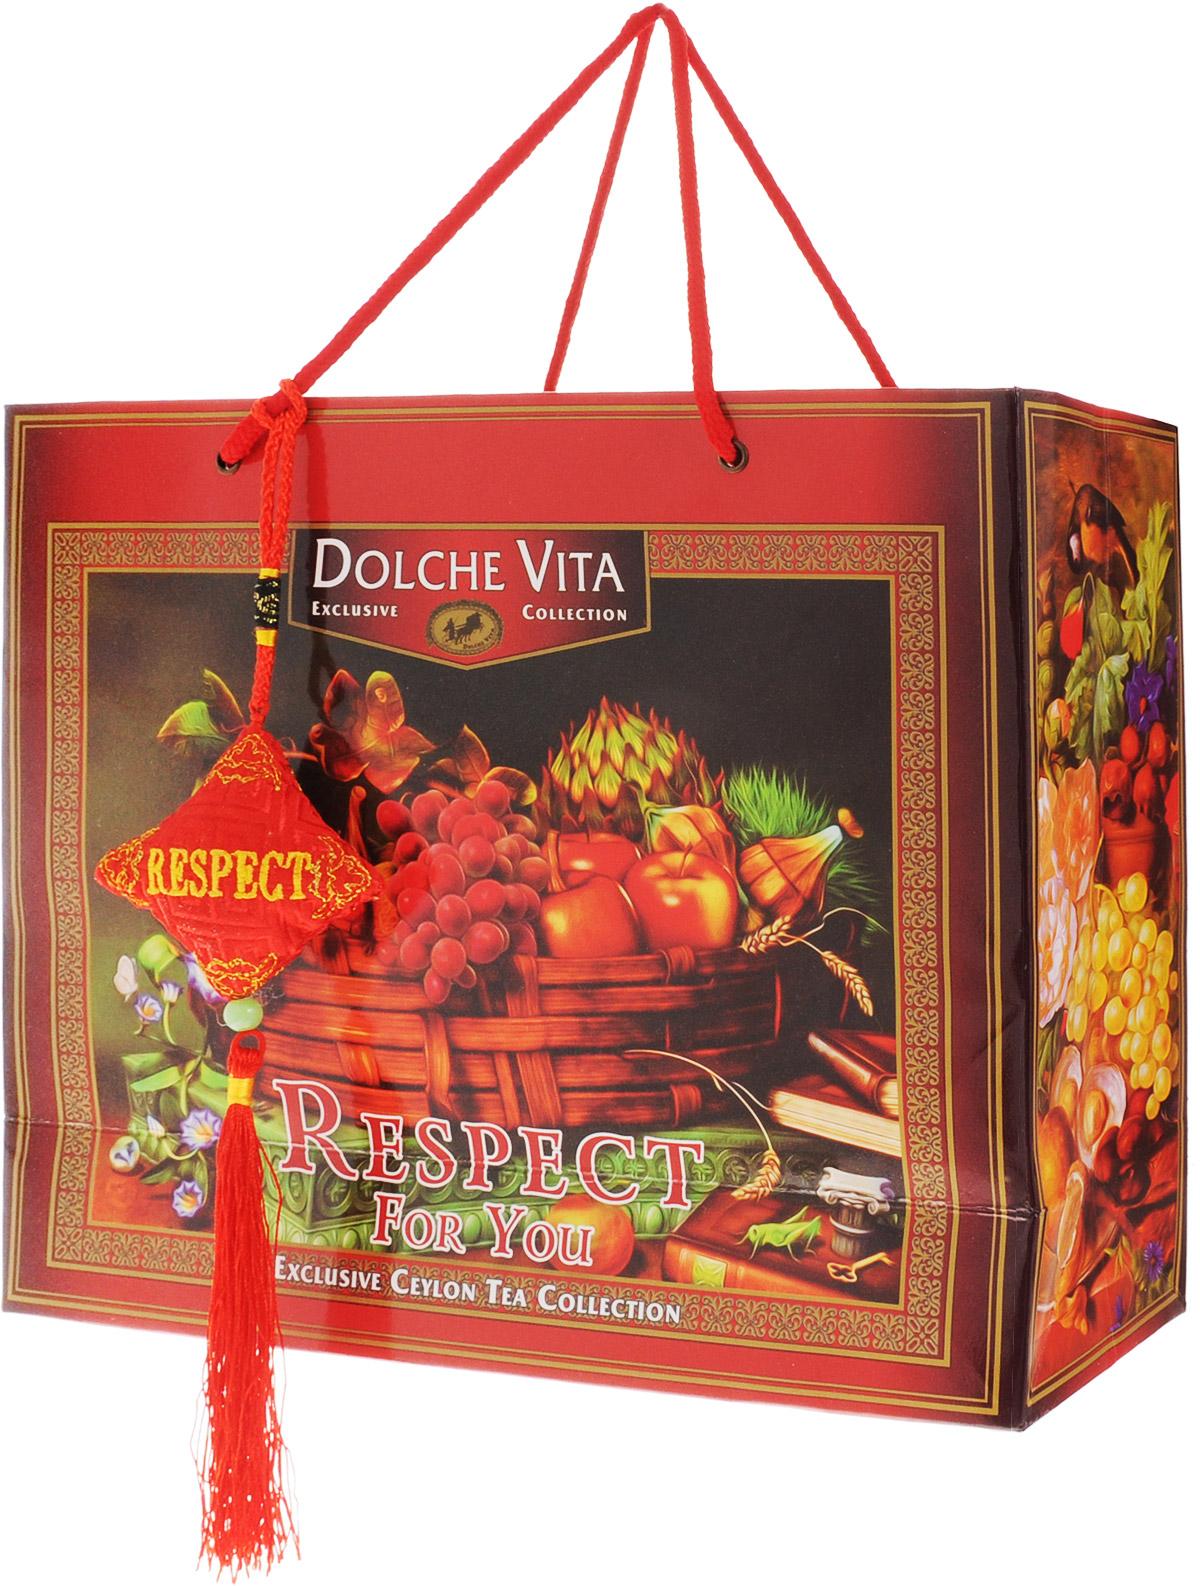 Dolche Vita Respect подарочный набор черного листового чая, 160 г цены онлайн